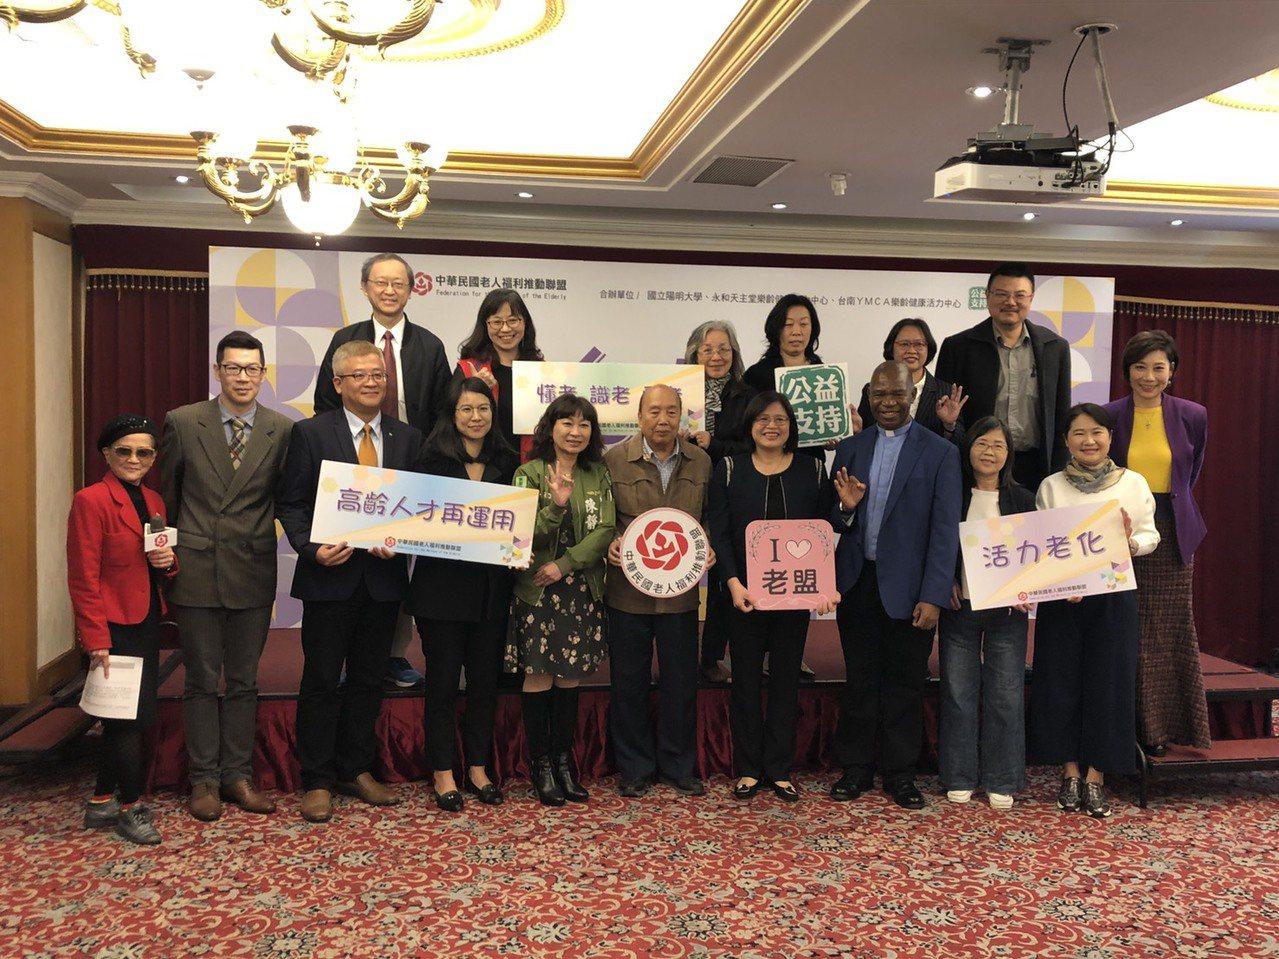 台灣即將進入超高齡社會,長期關注銀髮族權益的中華民國老人福利推動聯盟辦理「高齡人...